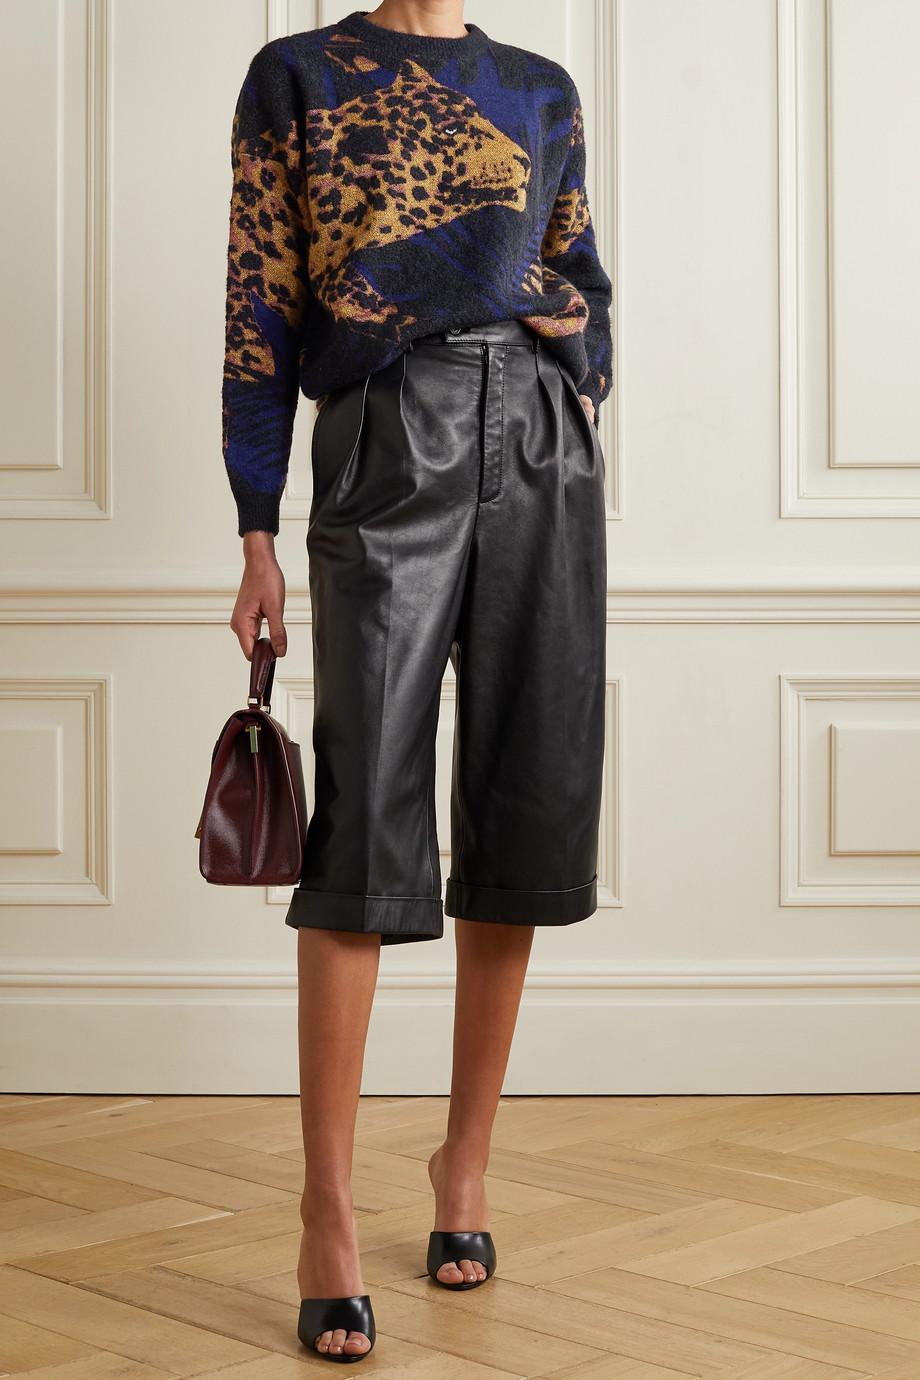 SAINT LAURENT Pullover aus Jacquard-Strick in Metallic-Optik